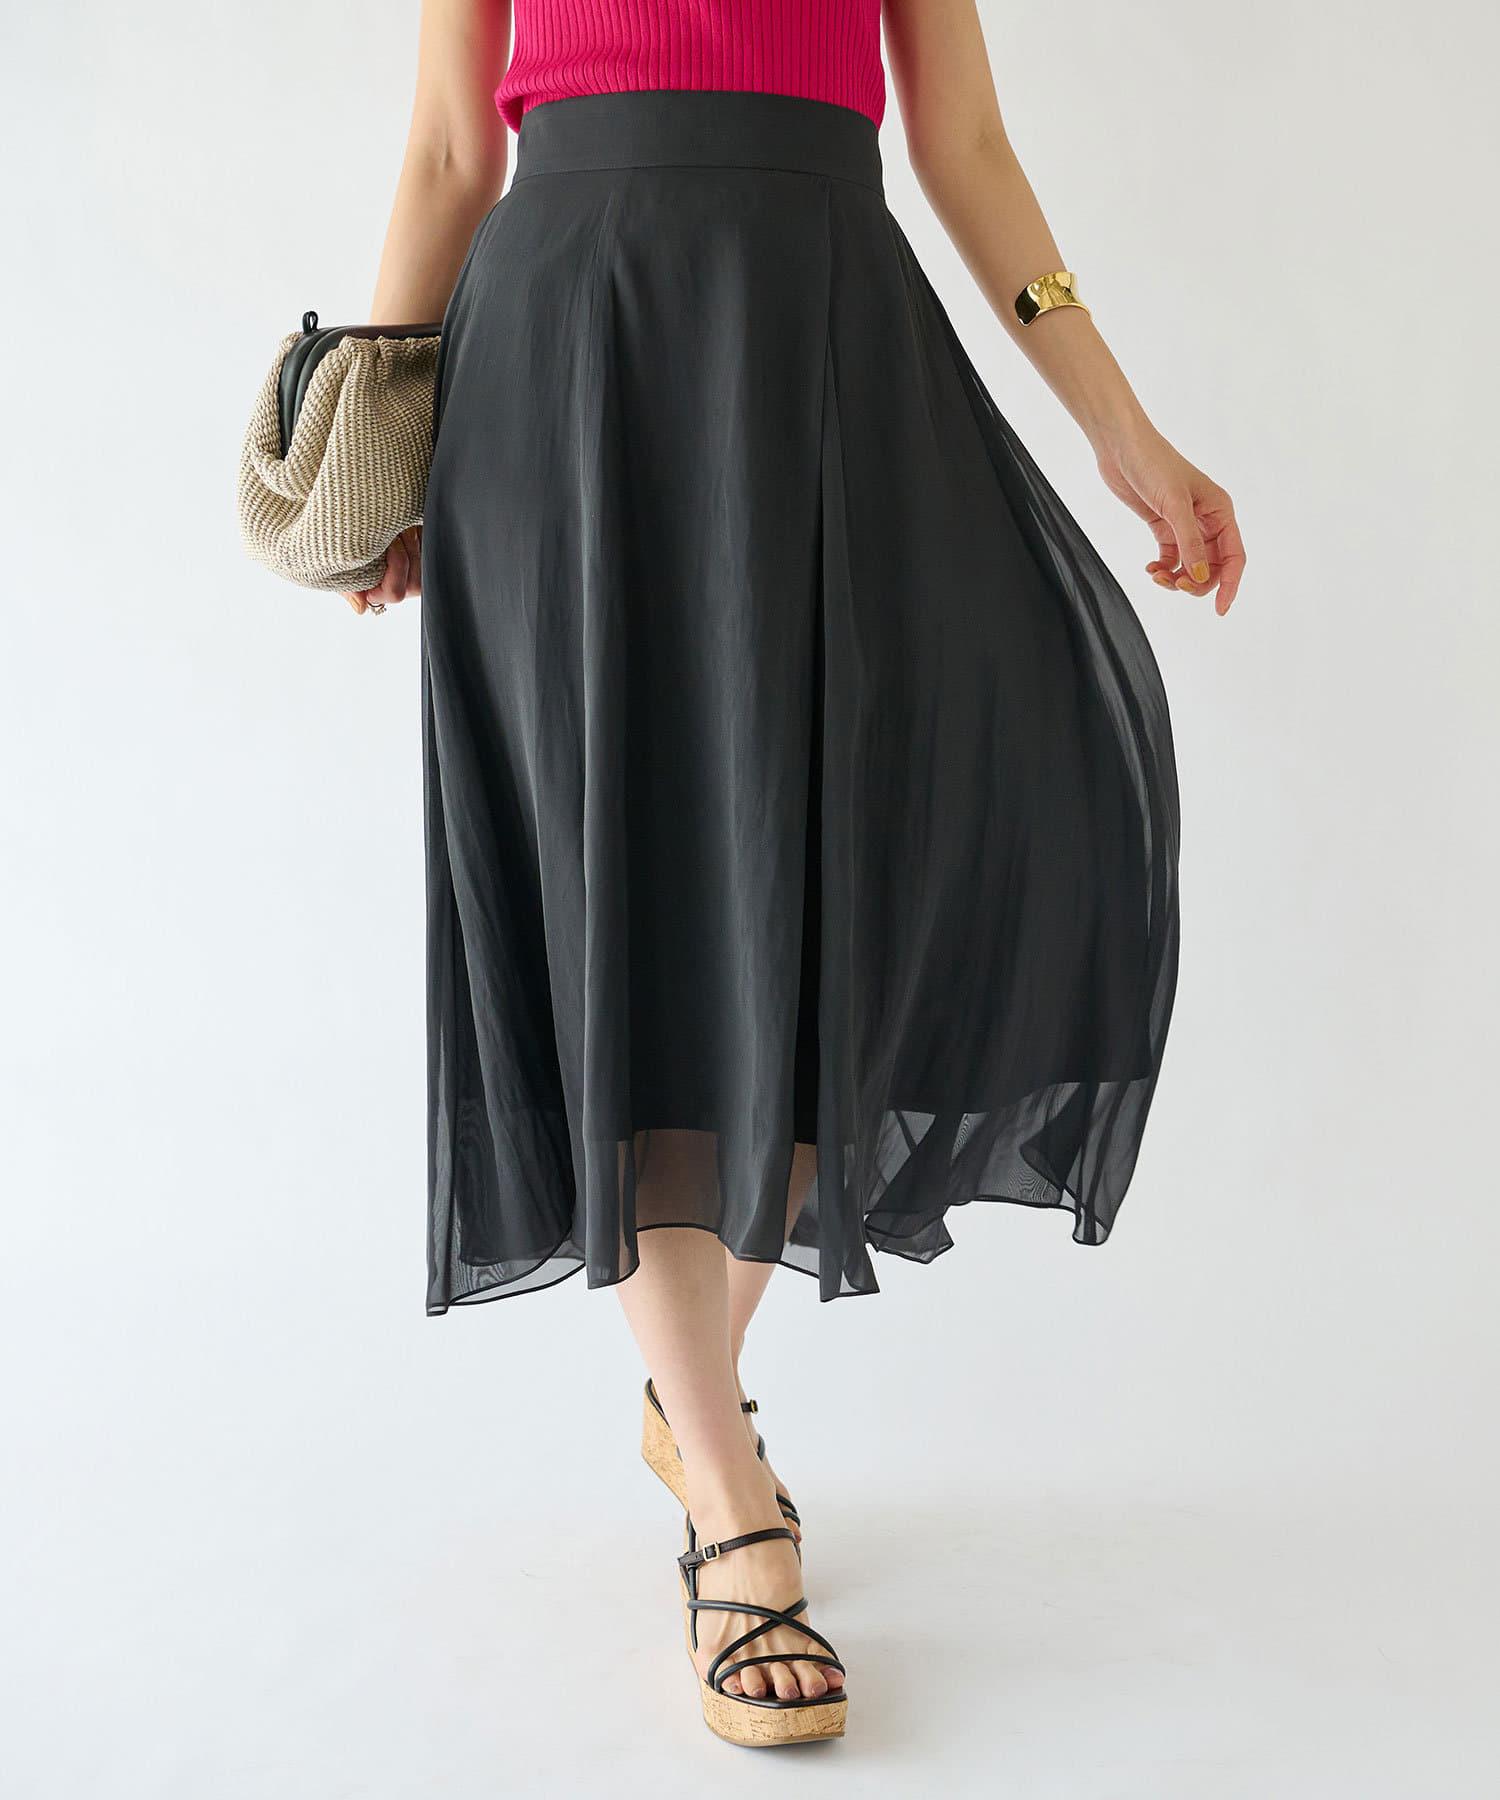 La boutique BonBon(ラブティックボンボン) 【洗える】割繊シフォンラップ風フレアスカート